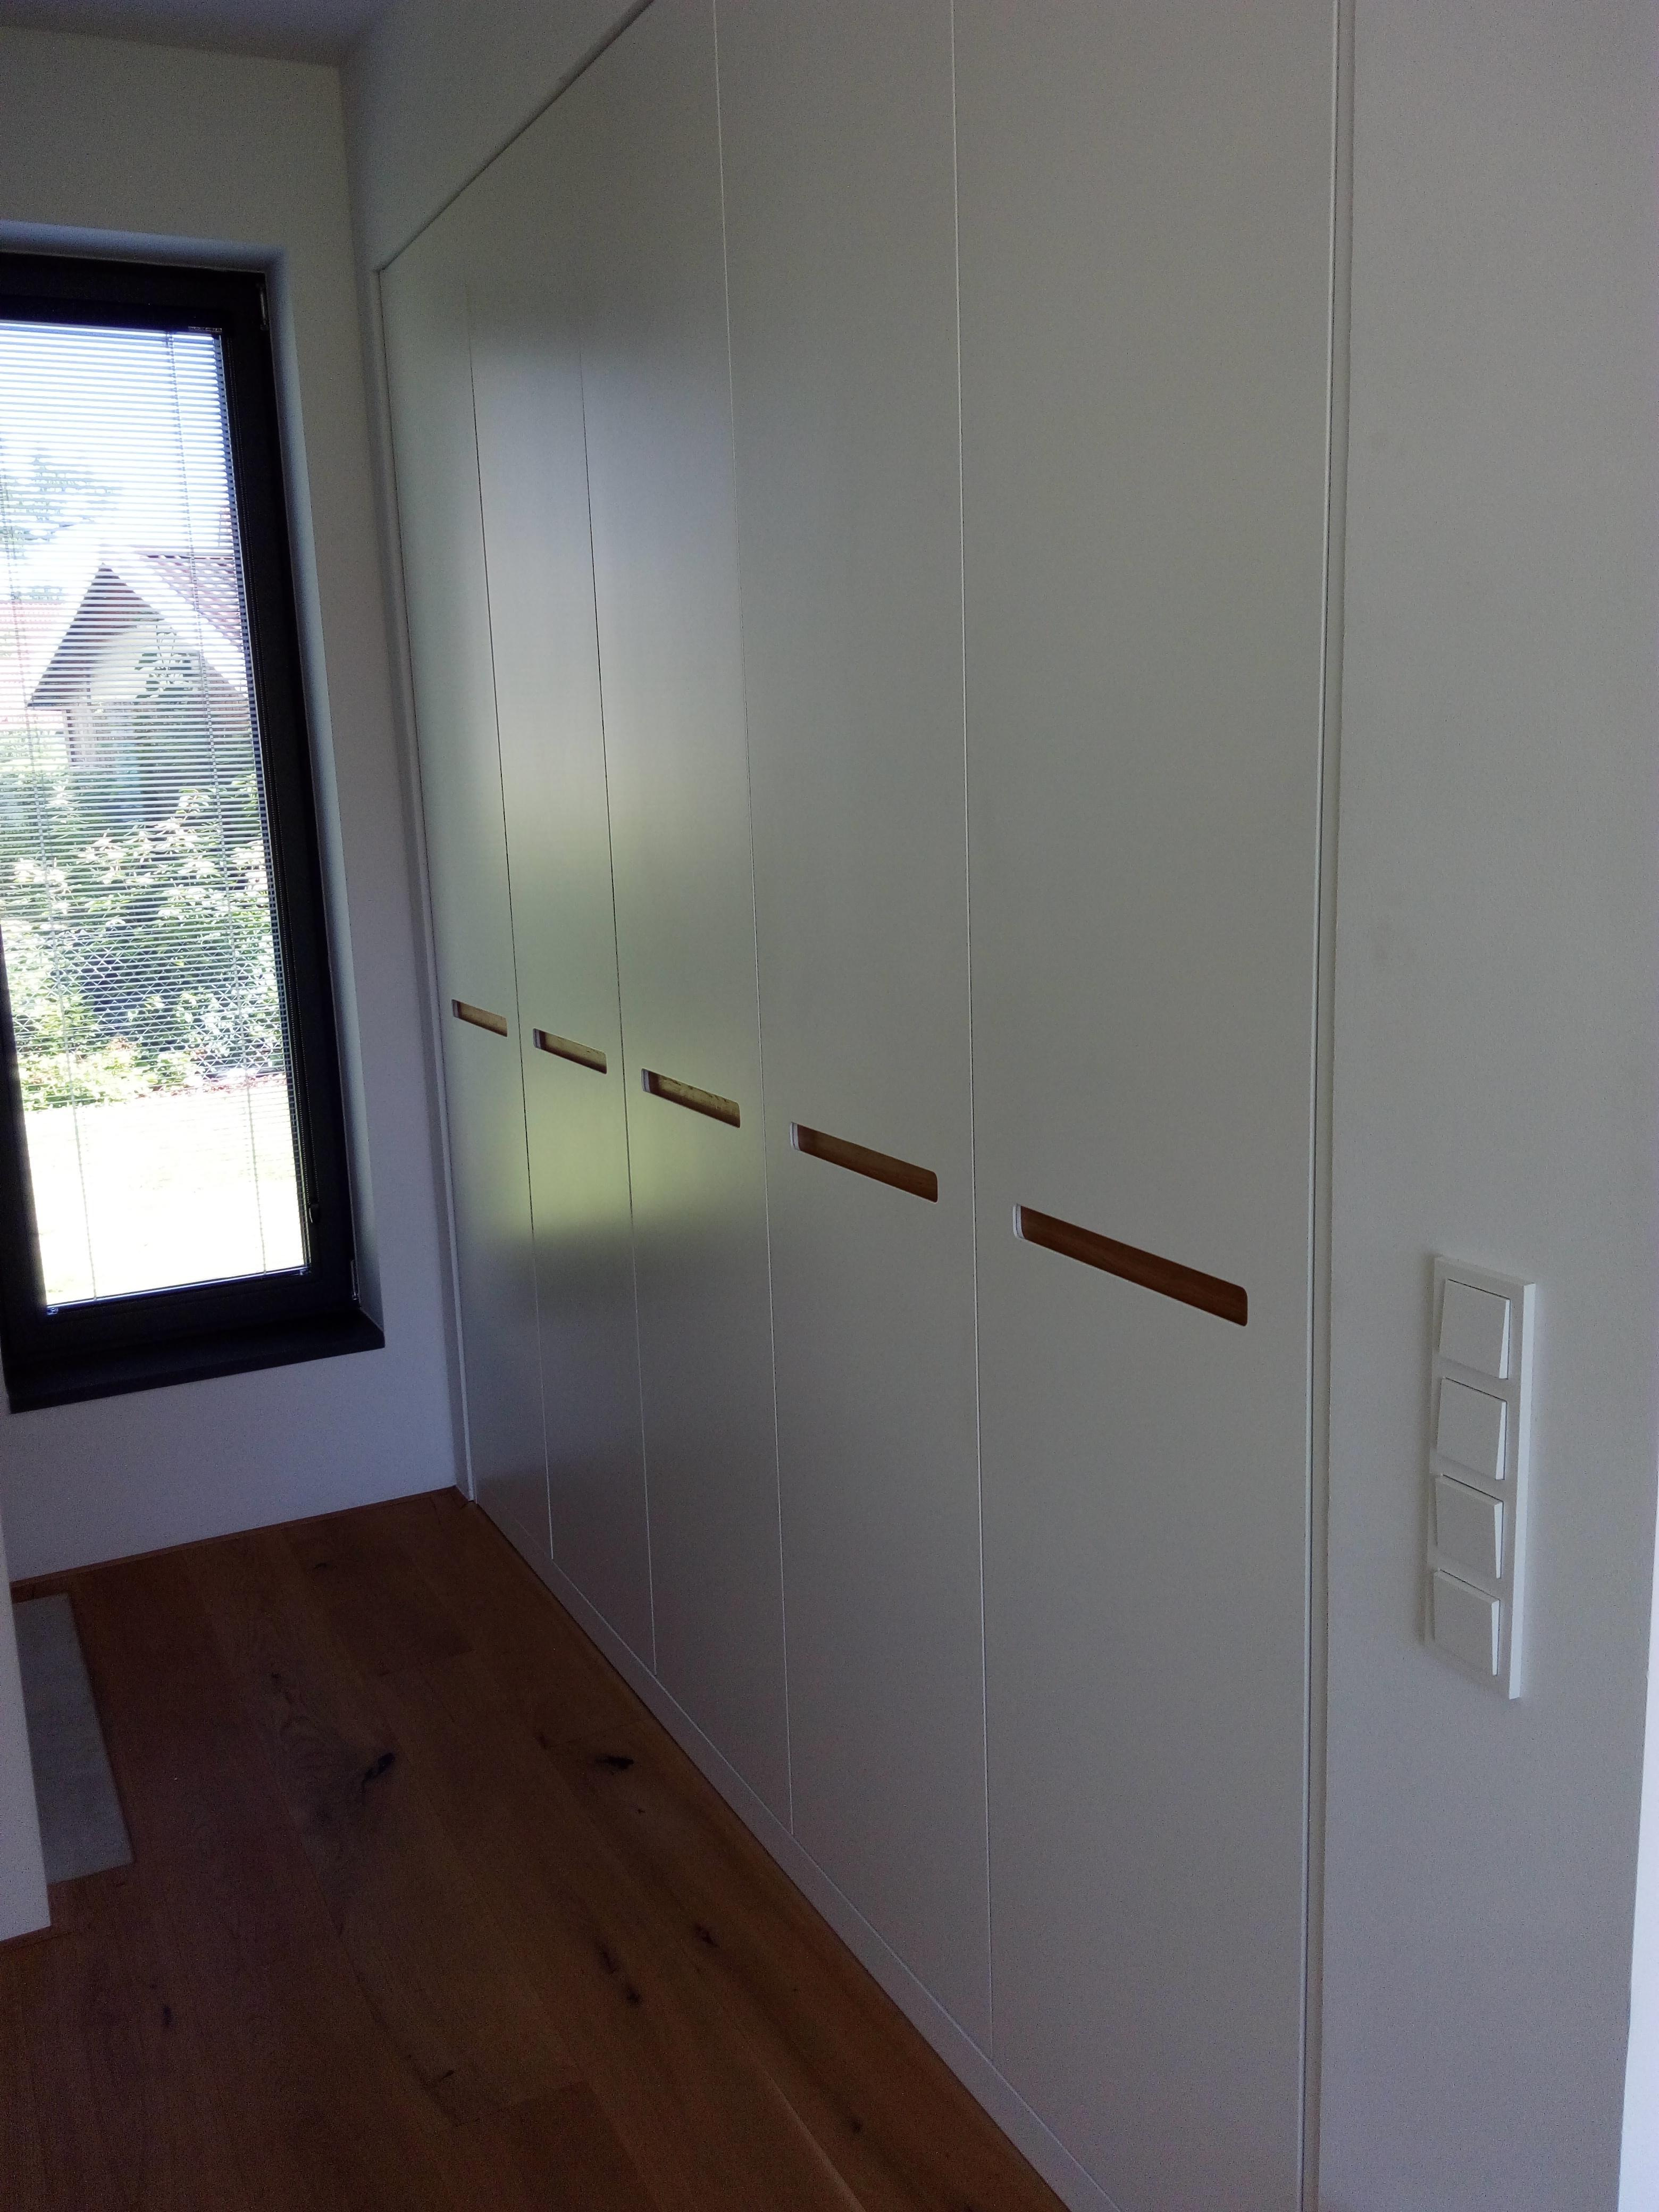 Ikea Hacks mit Kuechenfront24 - Küchenfront 24